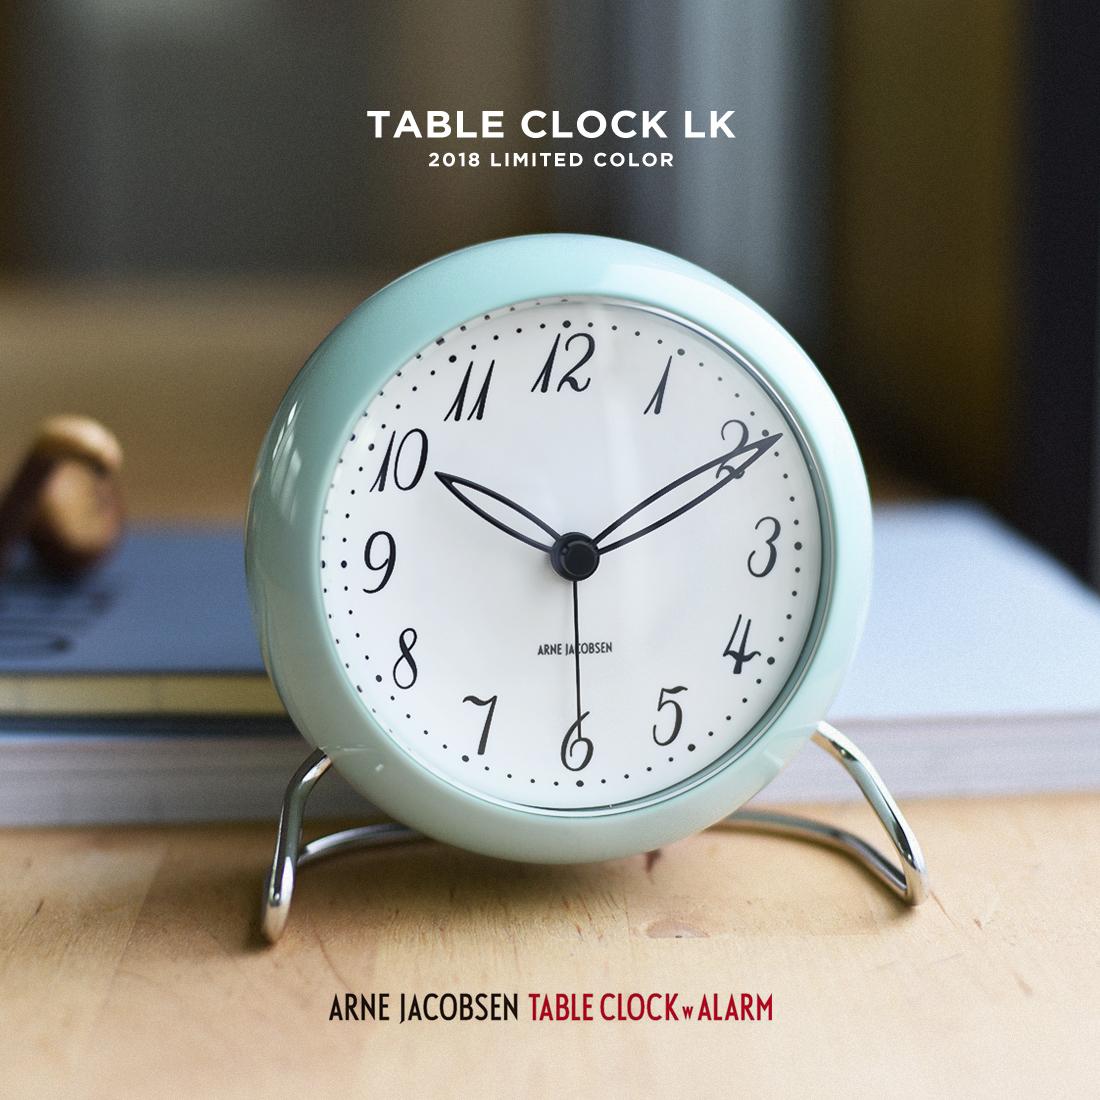 ARNE JACOBSEN TABLE CLOCK LK 43681限定カラー アルネヤコブセン置き時計 クロック Clock 北欧 デンマーク /アイスブルー/aj-table-lk-43681 コンビニ受取対応